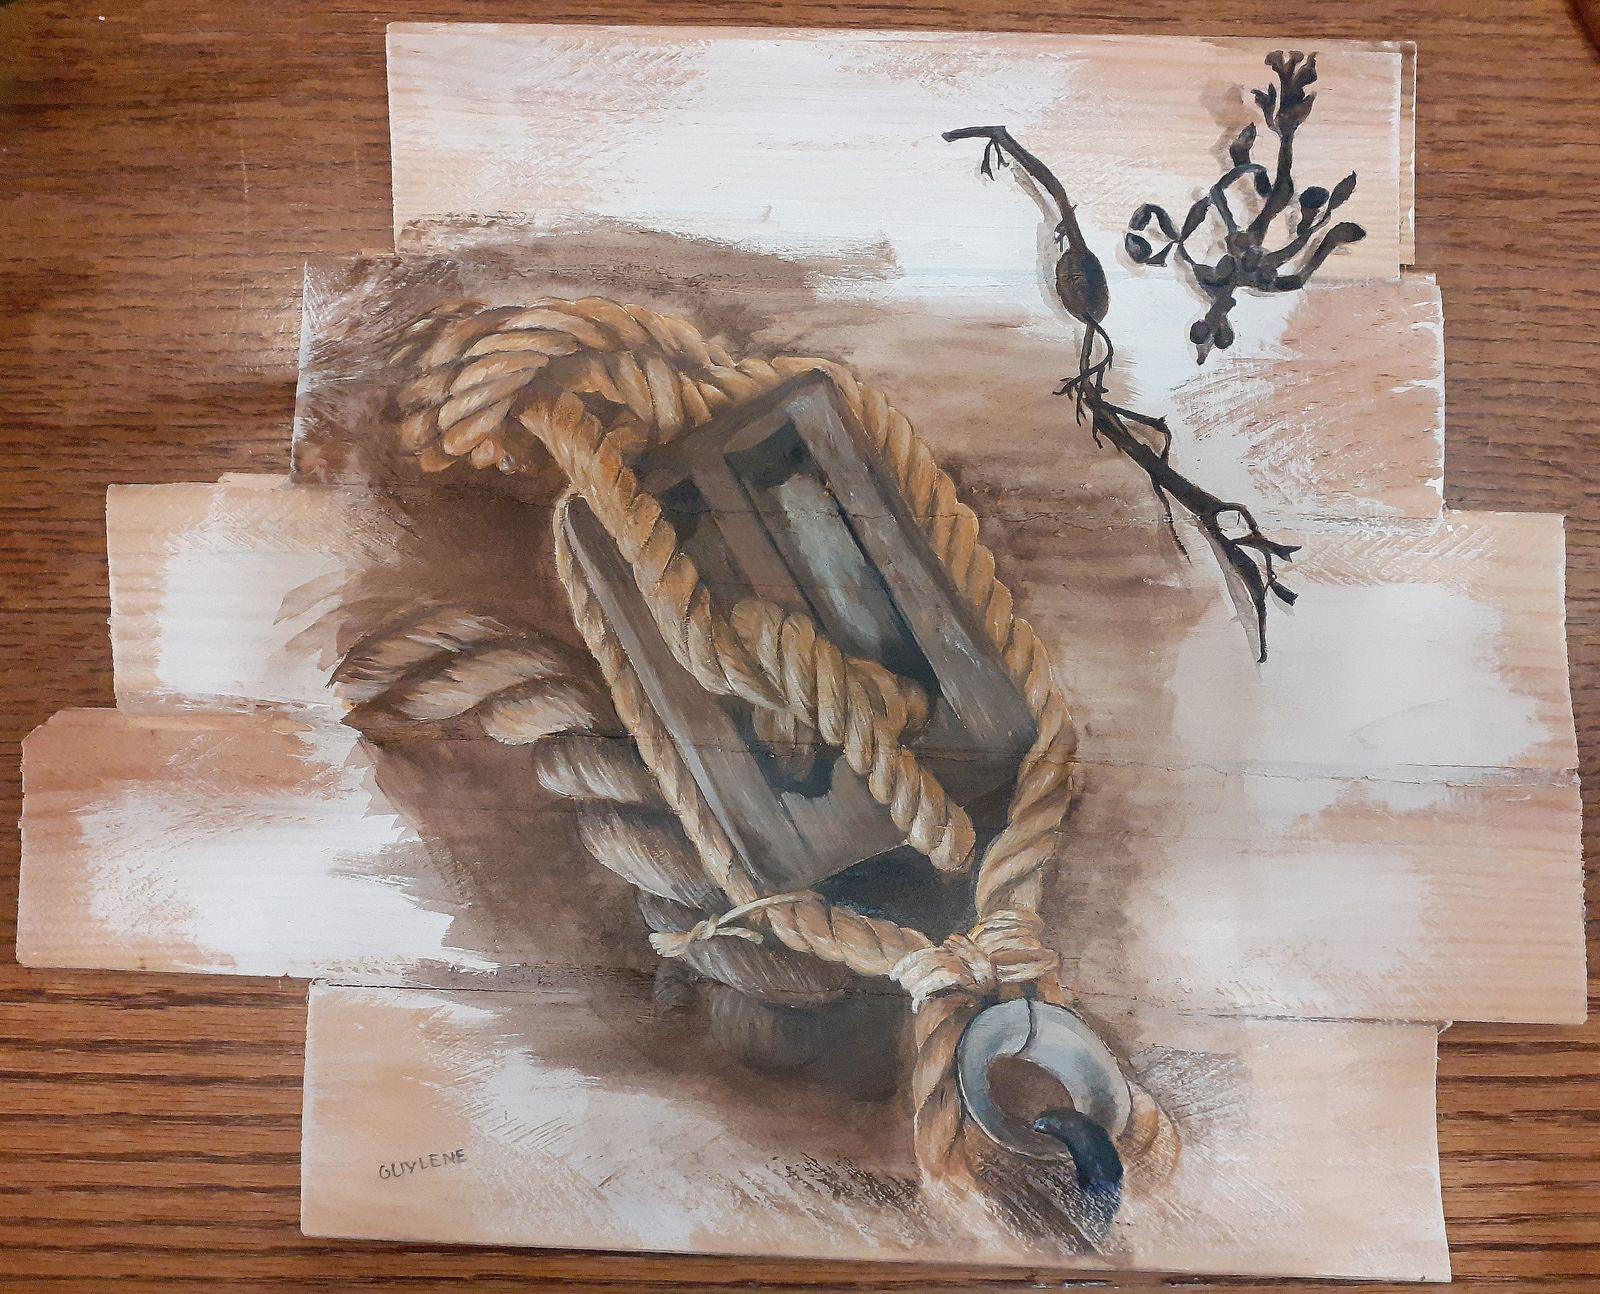 Quelques traces de souvenirs : le cadenas de ma cabane, sur le pont d'un bateau, la vieille porte rose, le lierre... Peinture sur sur supports de planches de bois en chêne